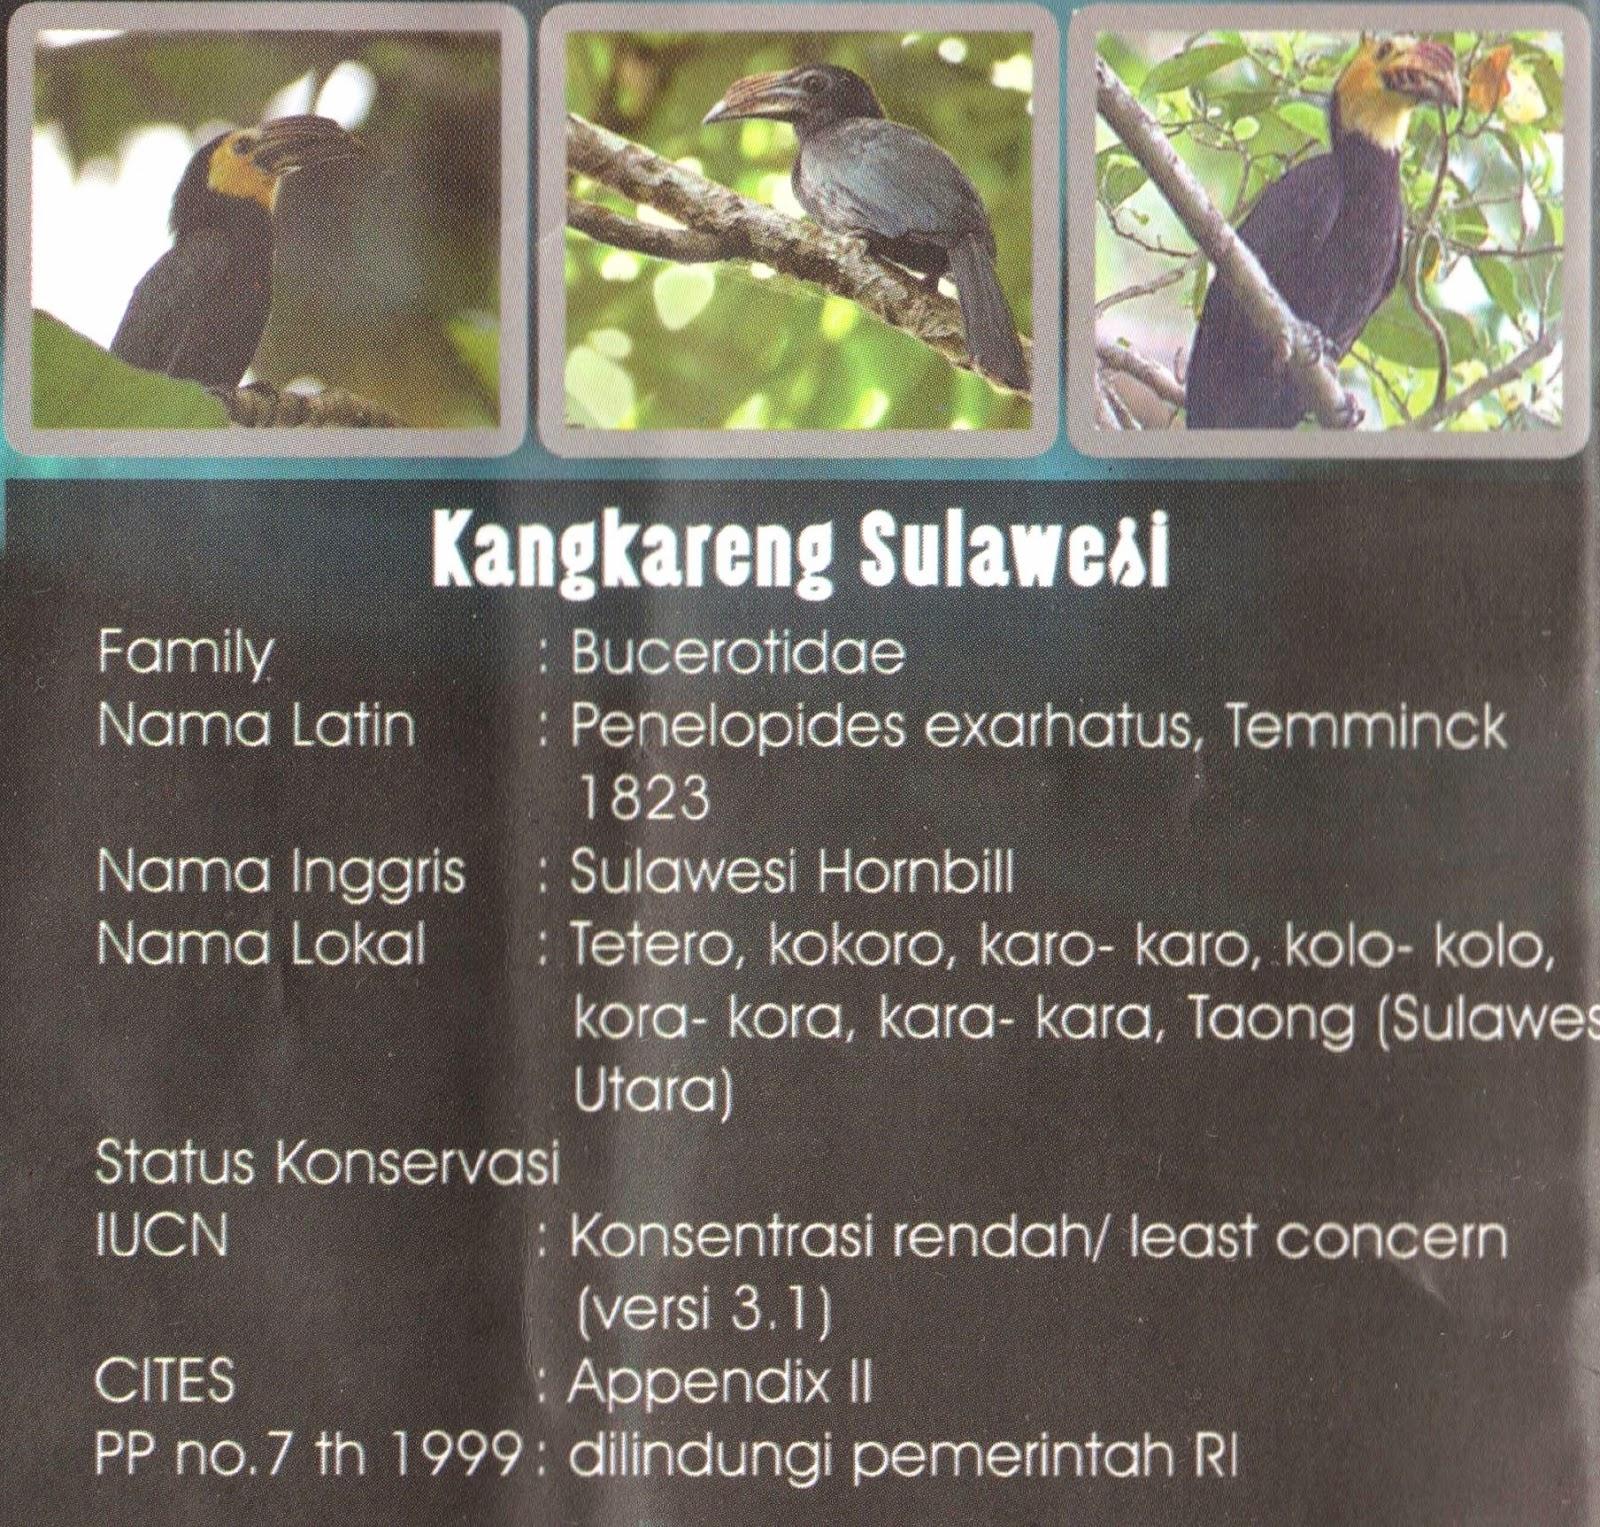 Kangkareng Sulawesi